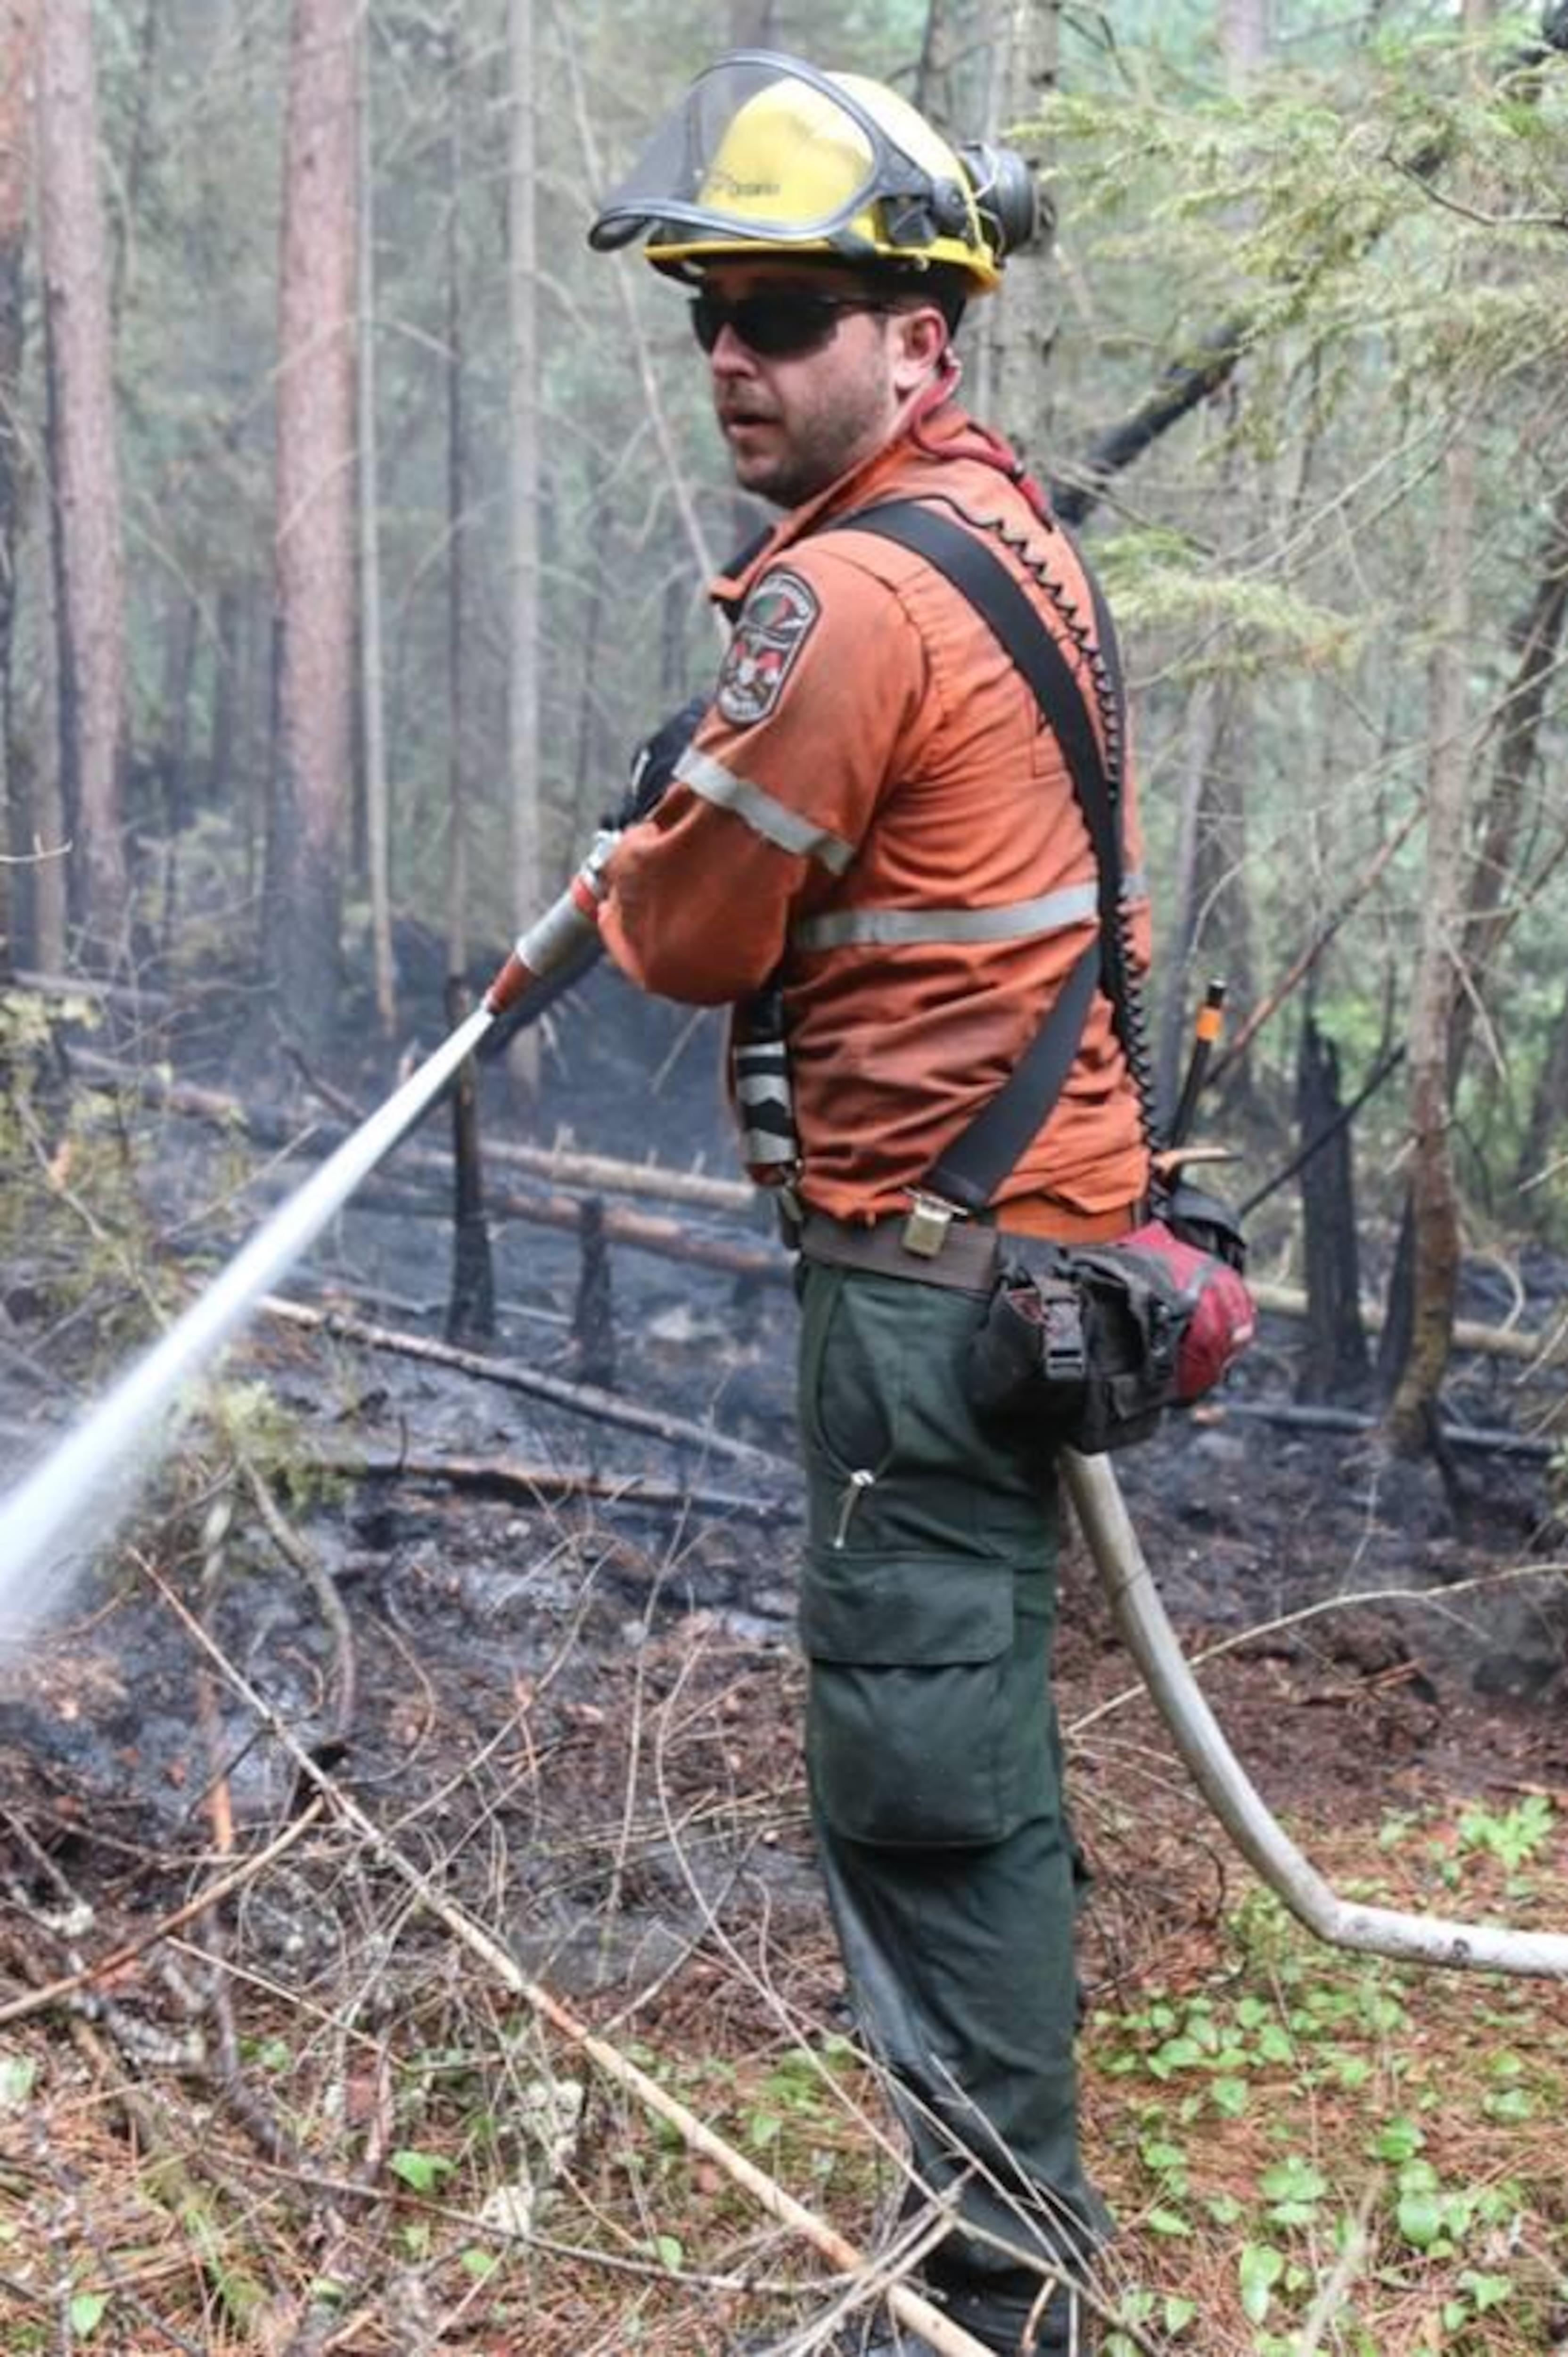 Un pompier qui arrose le sol en forêt.